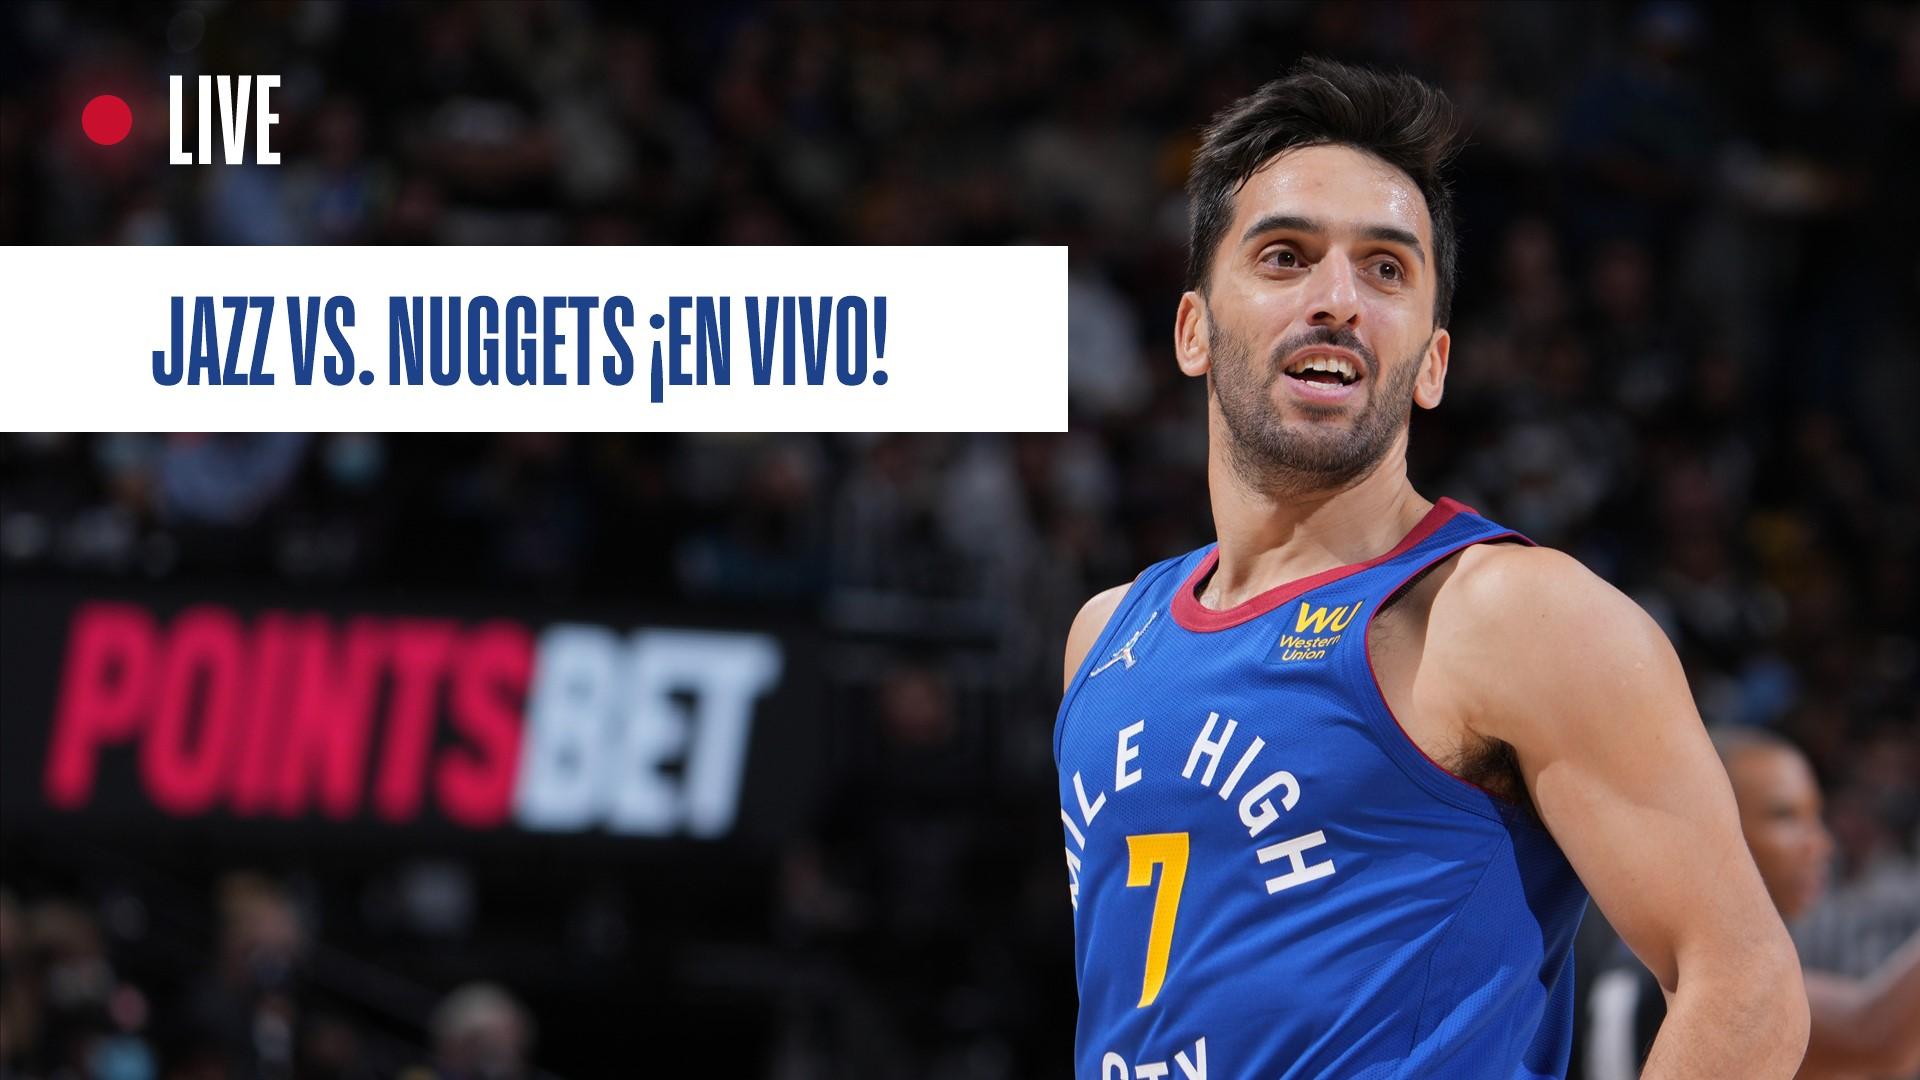 Utah Jazz vs. Denver Nuggets en vivo: jugadas, estadísticas, highlights y cómo ver a Facundo Campazzo   NBA.com Argentina   El sitio oficial de la NBA